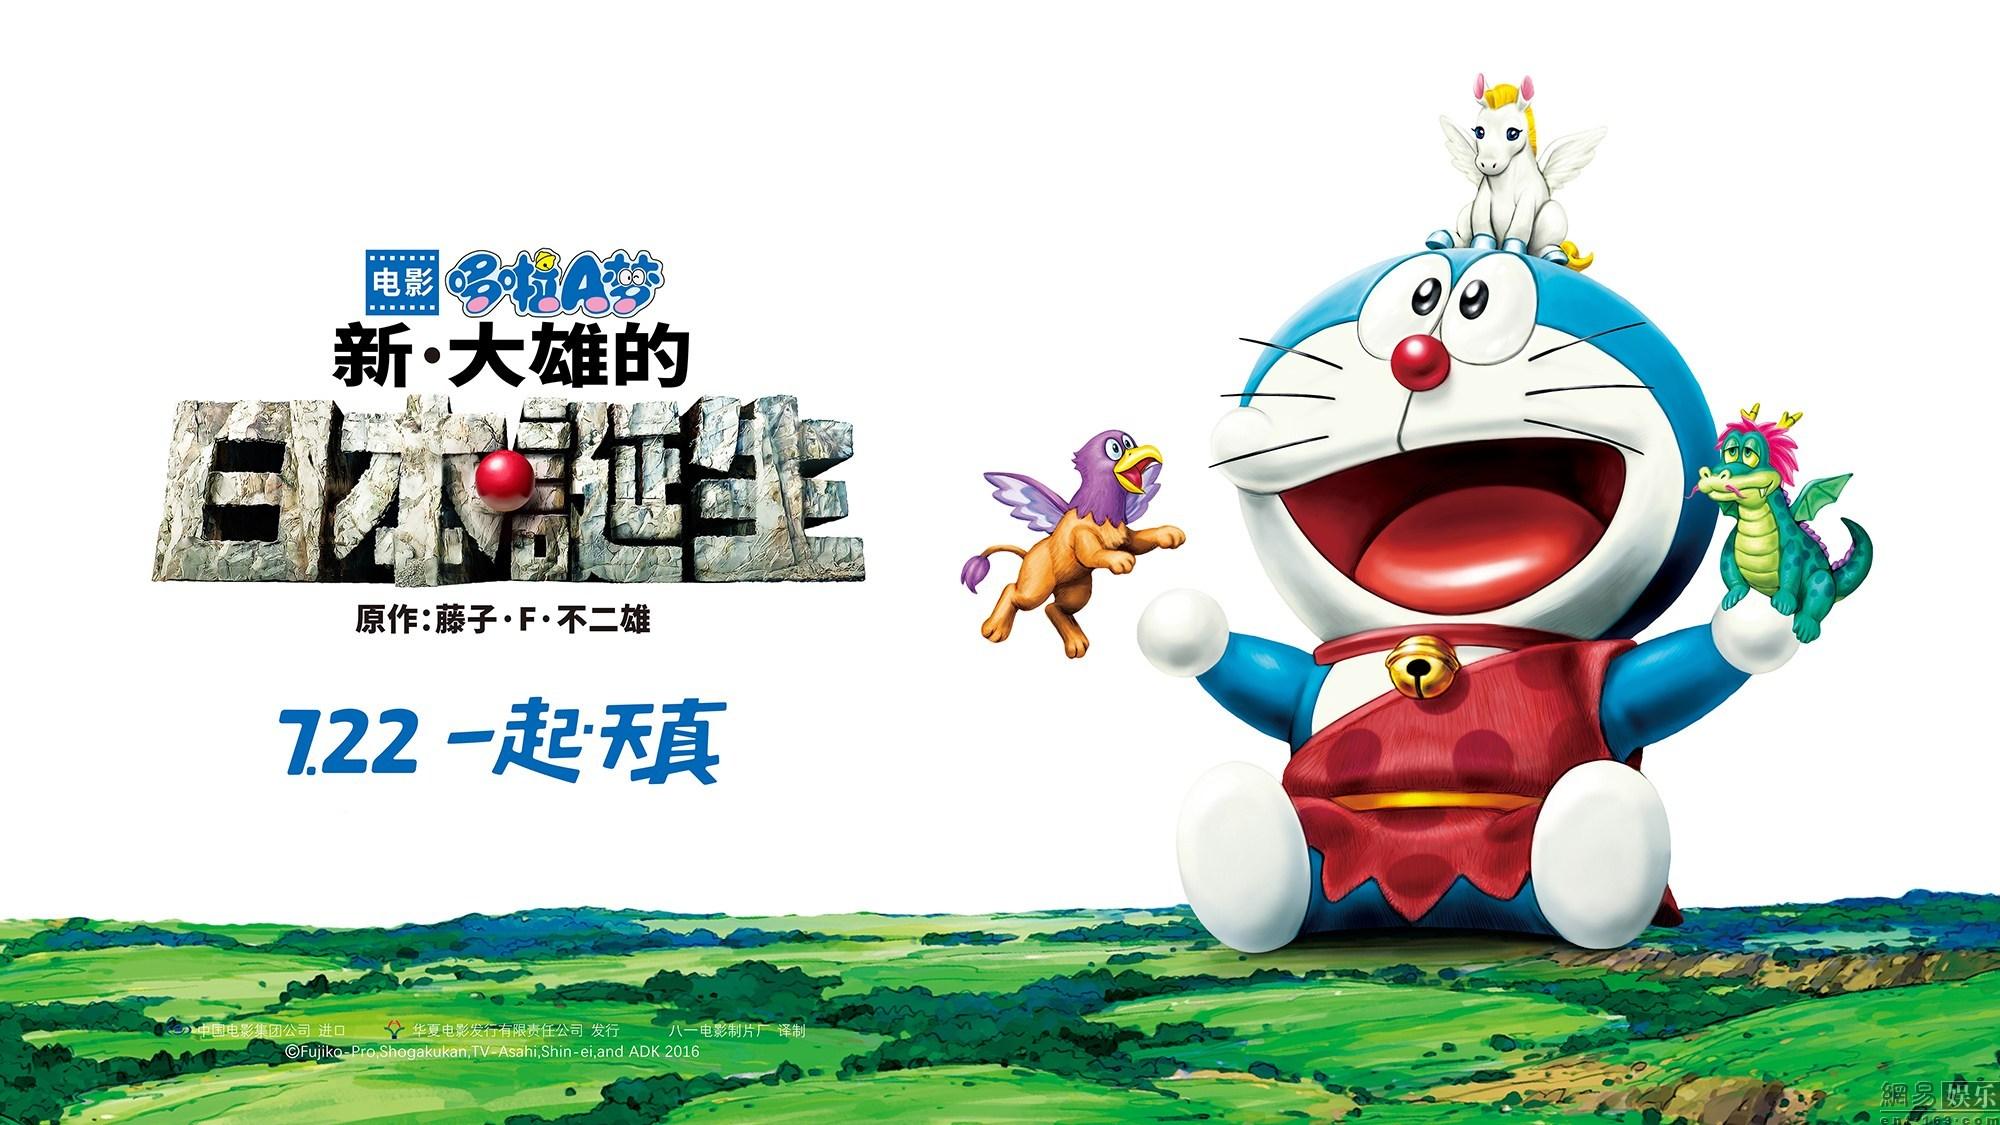 哆啦A梦 今日上映 神兽萌宠造视觉盛宴图片